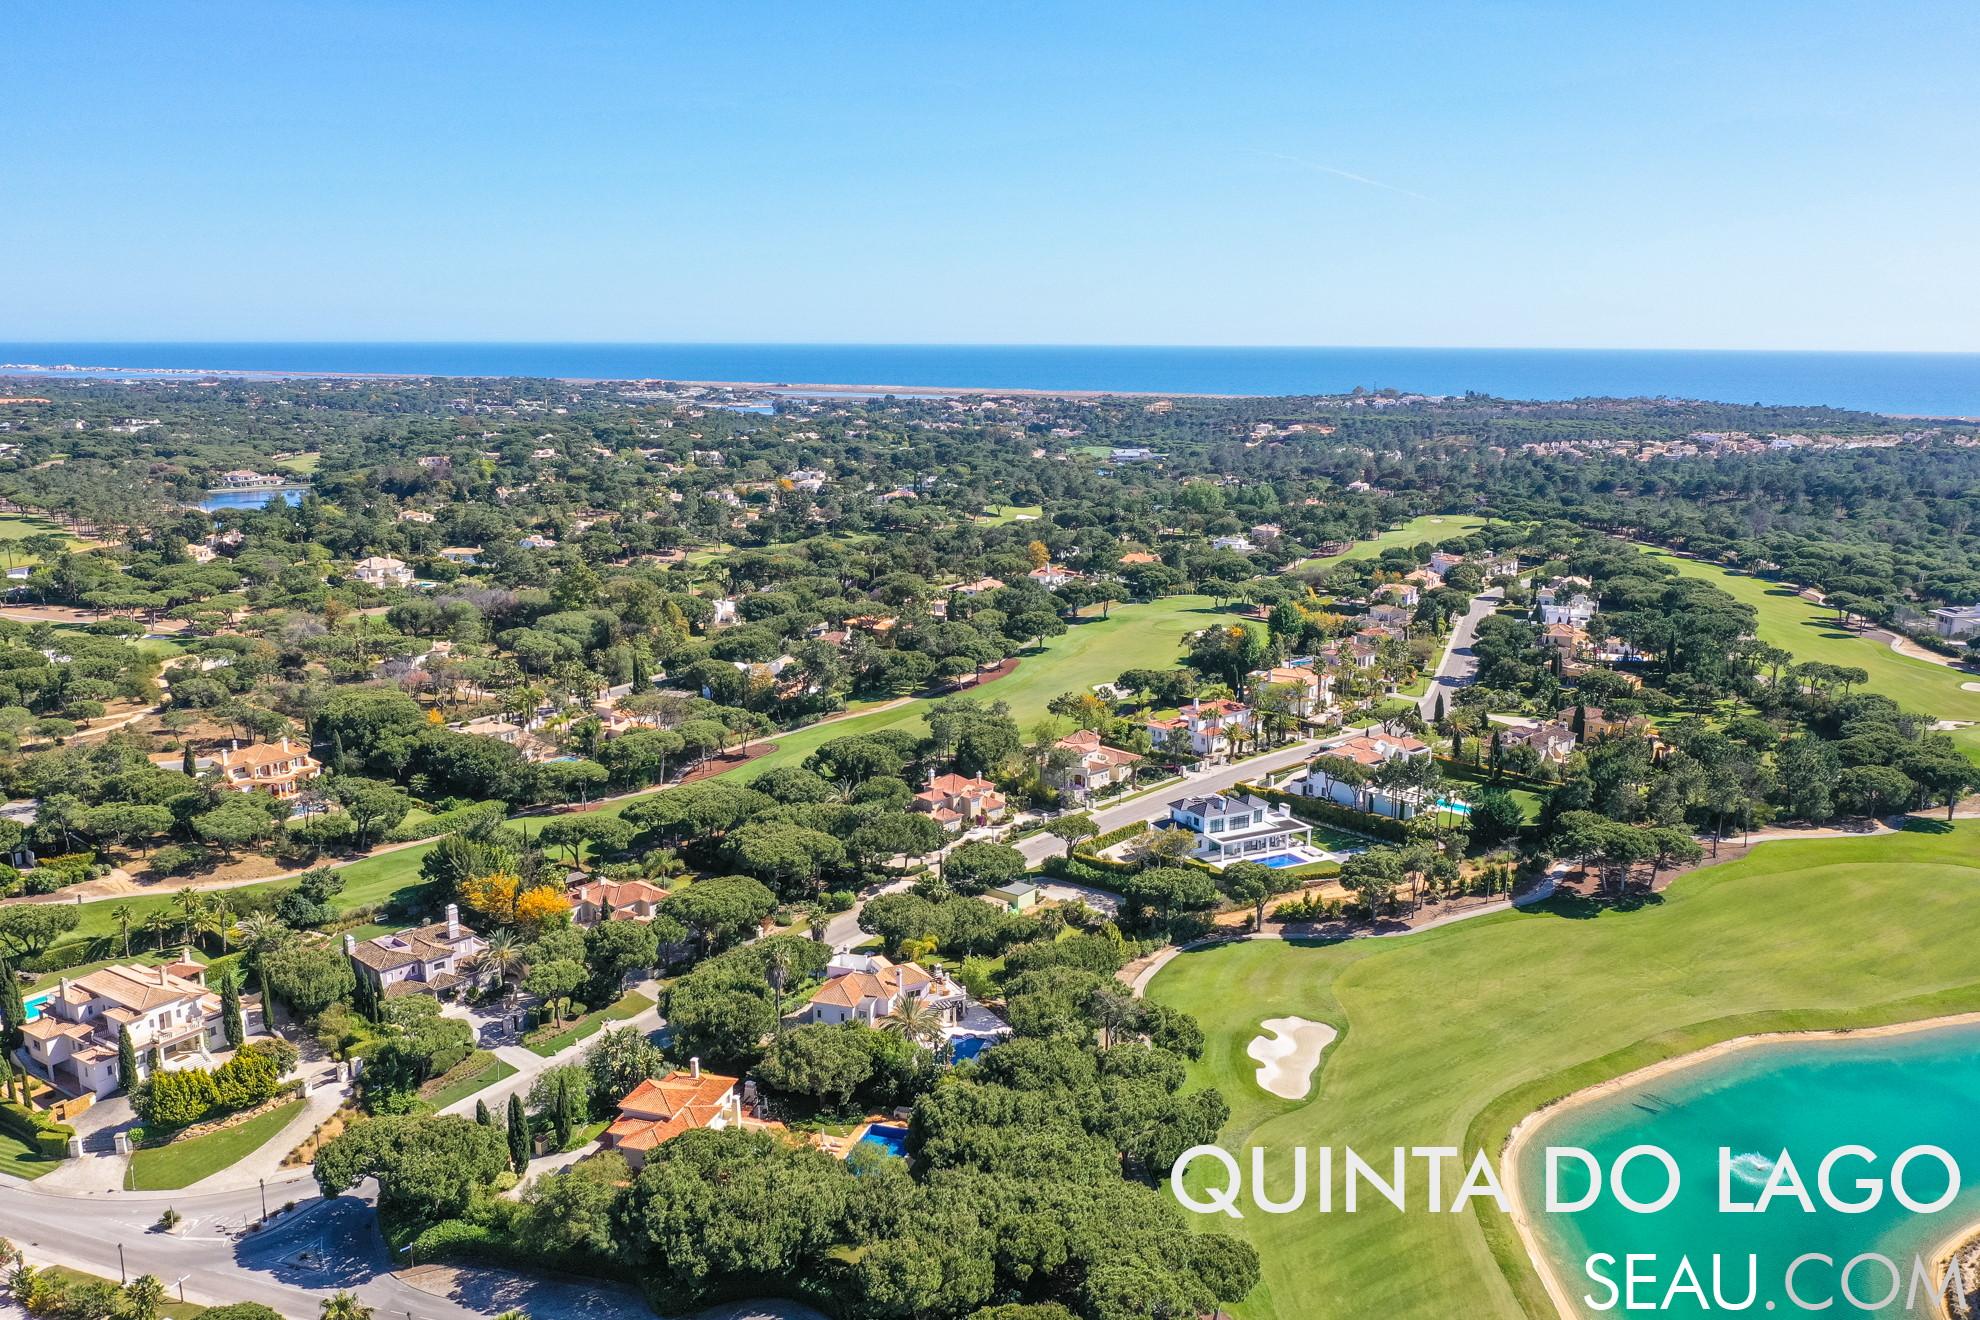 Quinta do Lago é um dos mais conceituados resorts de luxo do mundo, conhecido pelas grandes casas de luxo ao redor dos golfes, situado no sul de Portugal, com 5 campos de golf, no litoral da do parque natural da Ria Formosa, perto do oceano Atlântico